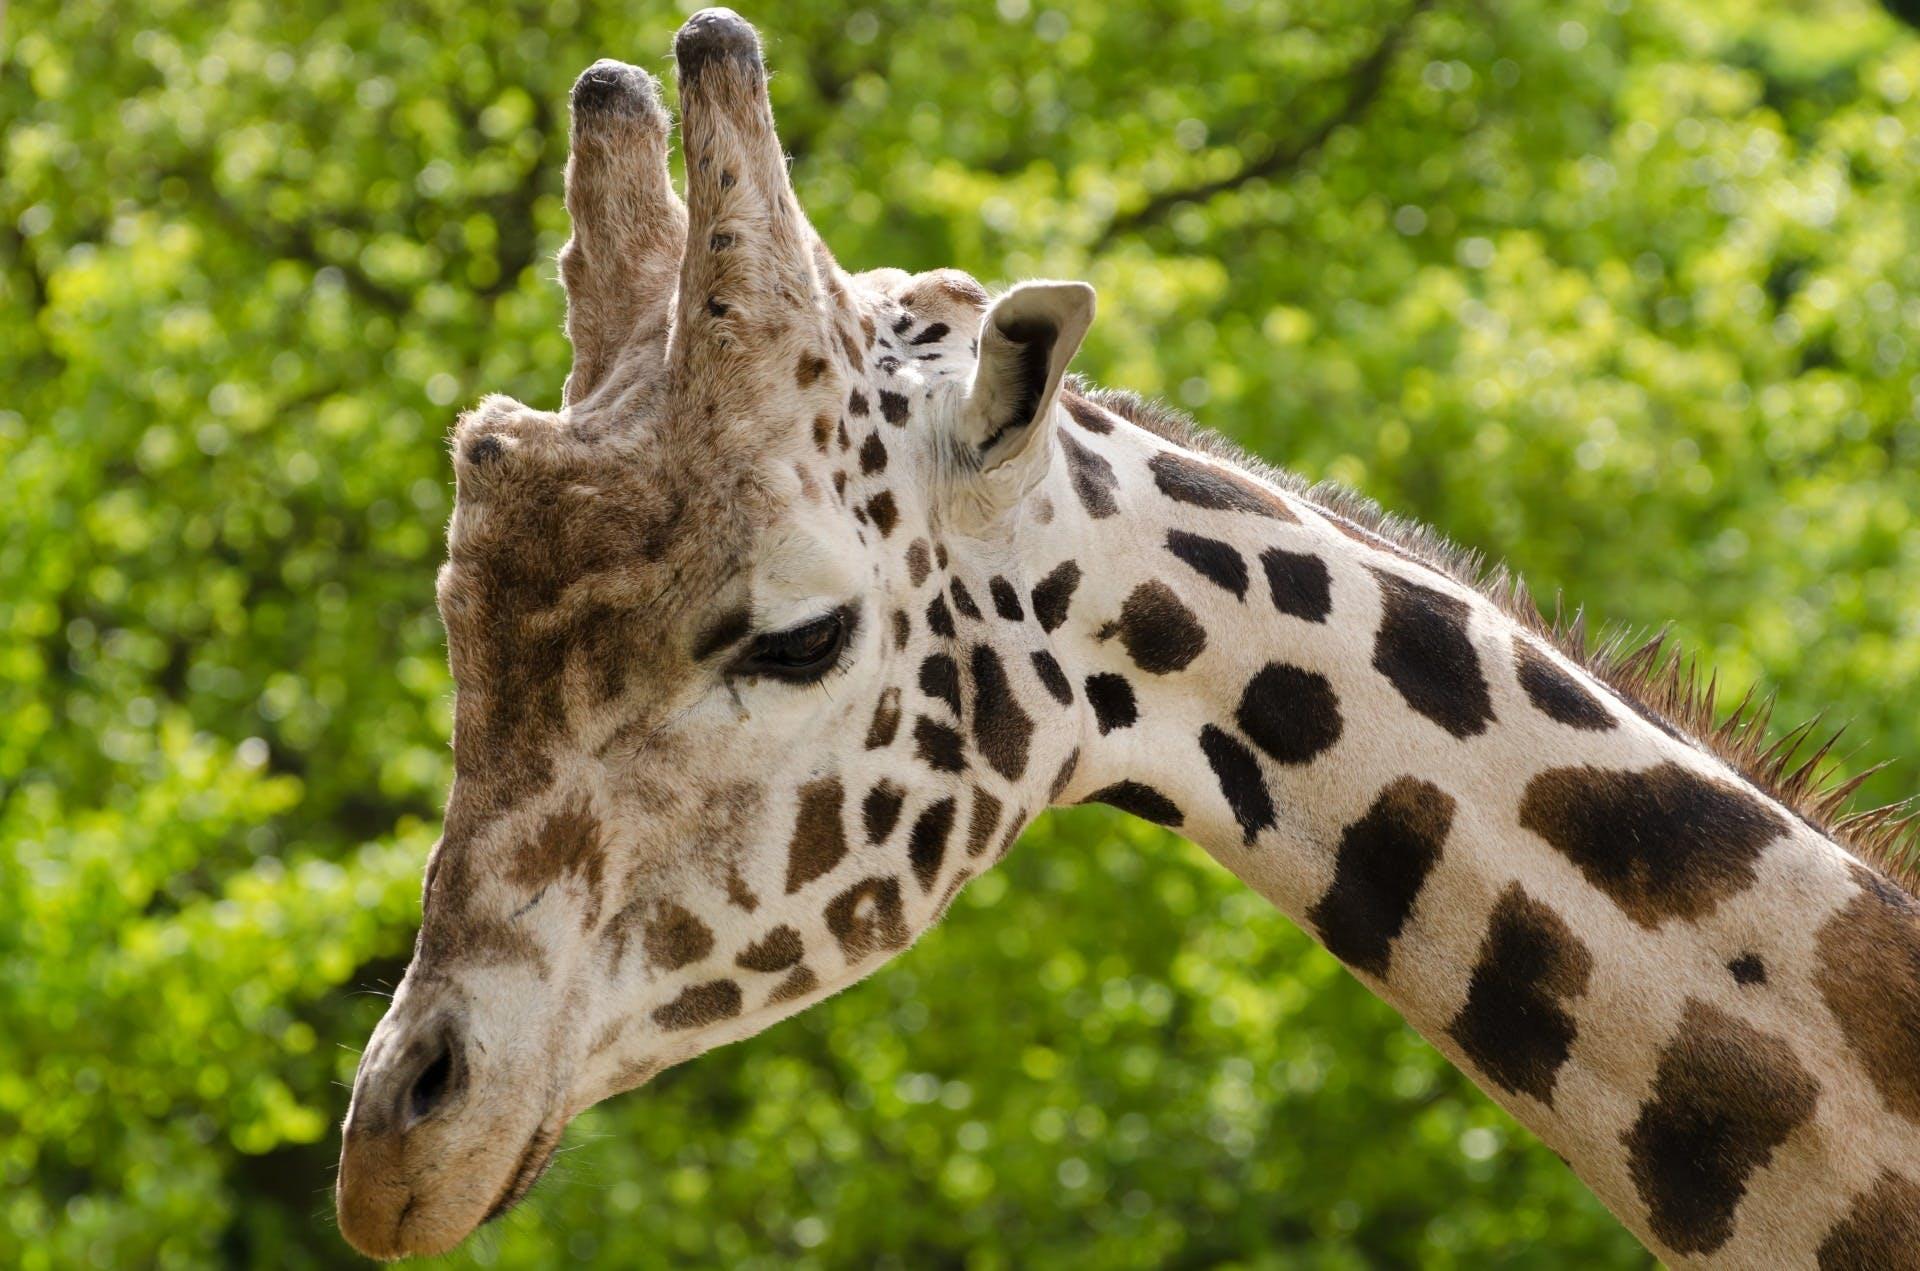 Beige and Black Giraffe Photo